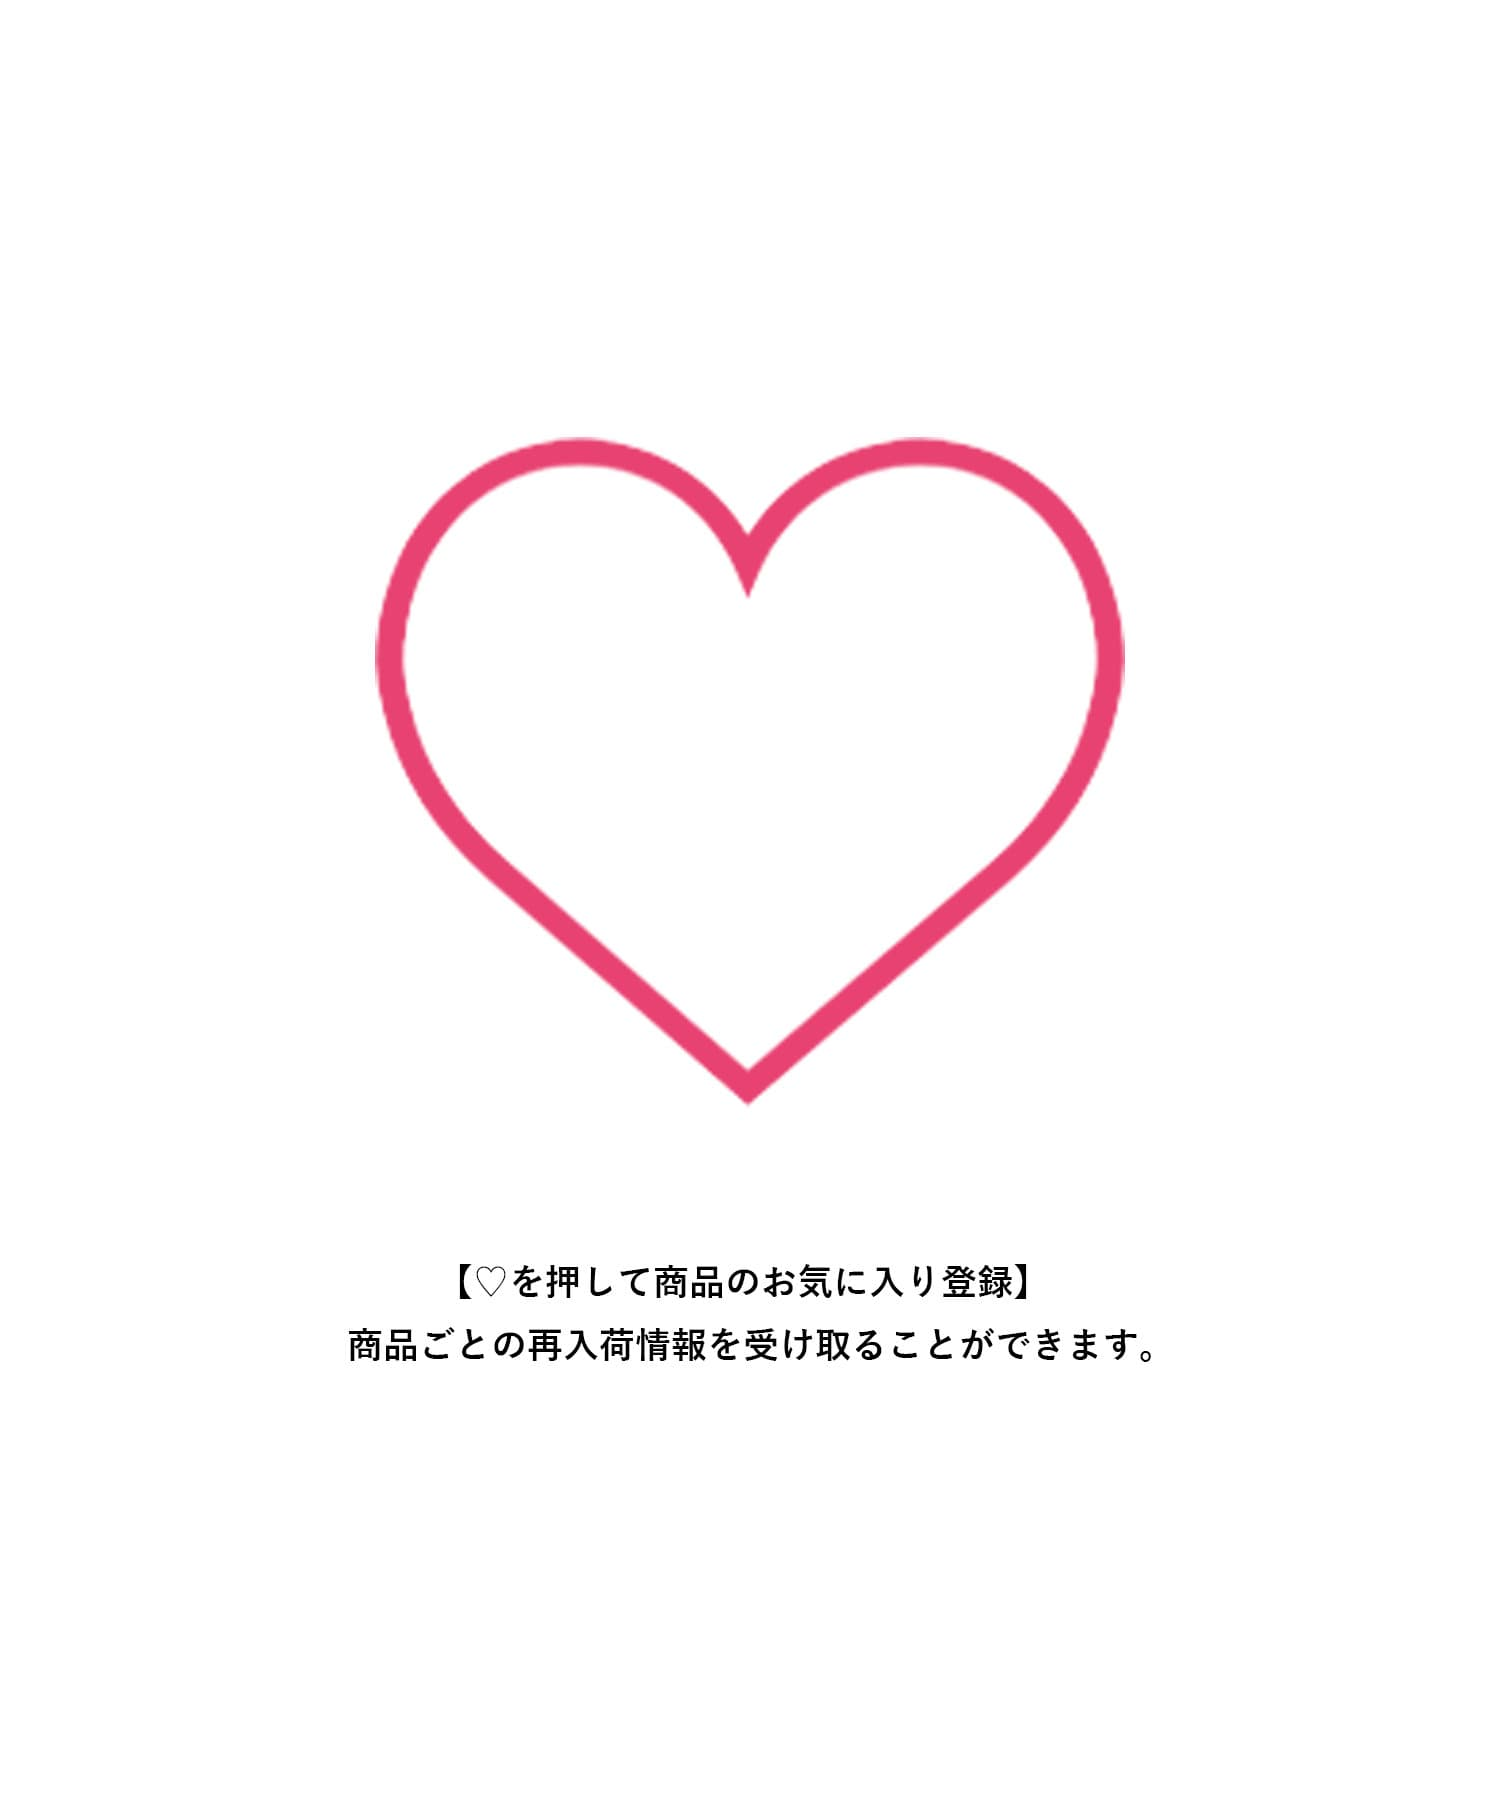 COLLAGE GALLARDAGALANTE(コラージュ ガリャルダガランテ) 【PAPILLONNER】【飾りたてるネックライン】メッシュコードネックレス